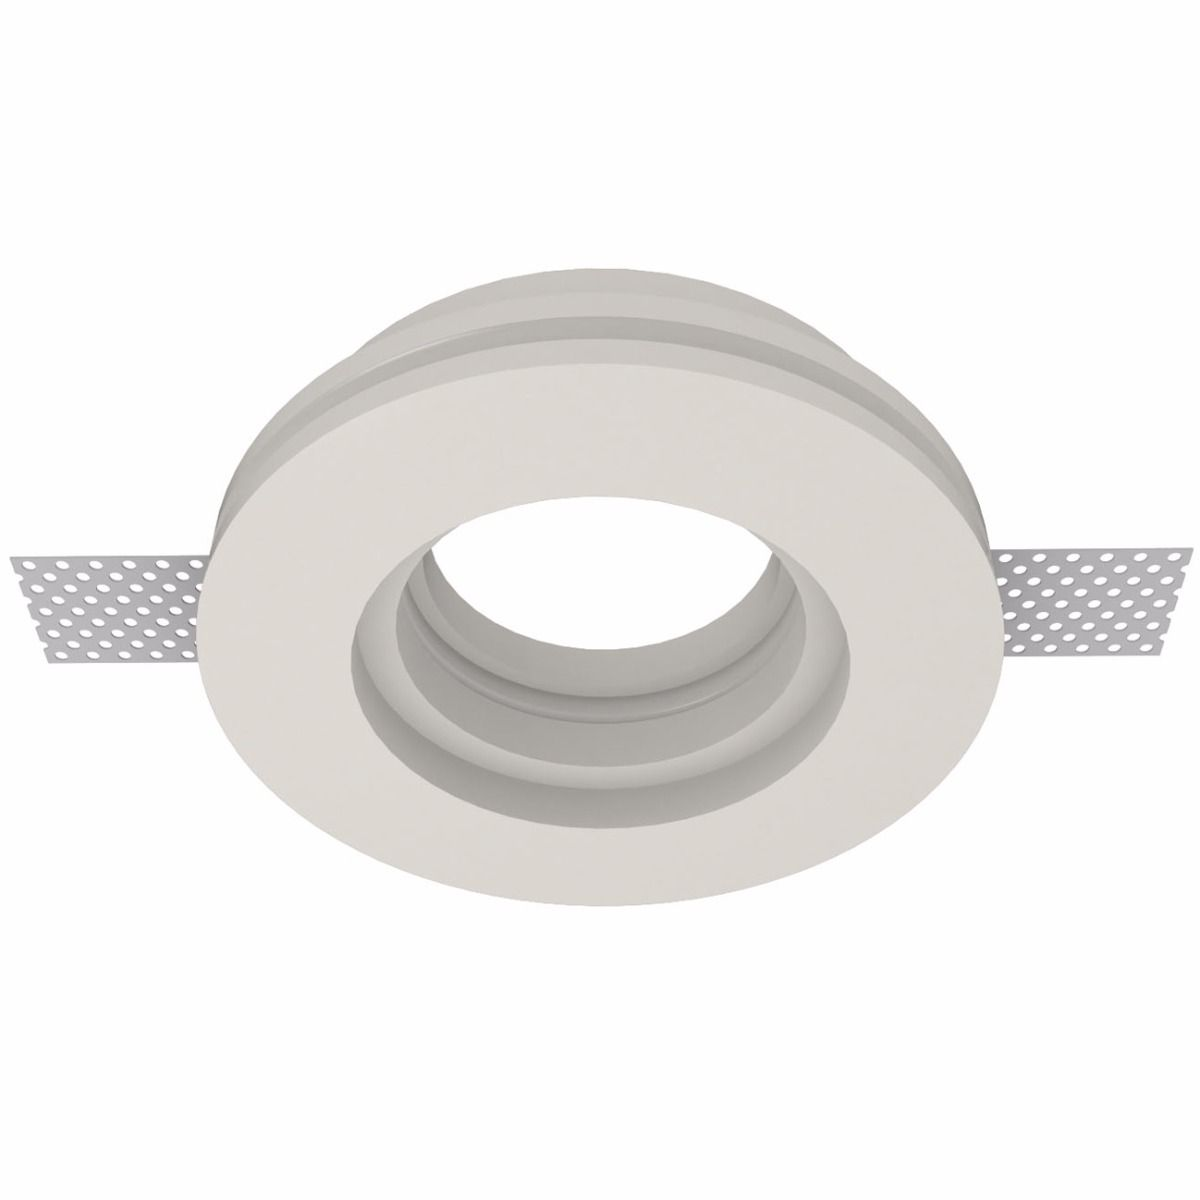 Nama Στρογγυλό Γύψινο Χωνευτό Spot GU10 MR16 IP20